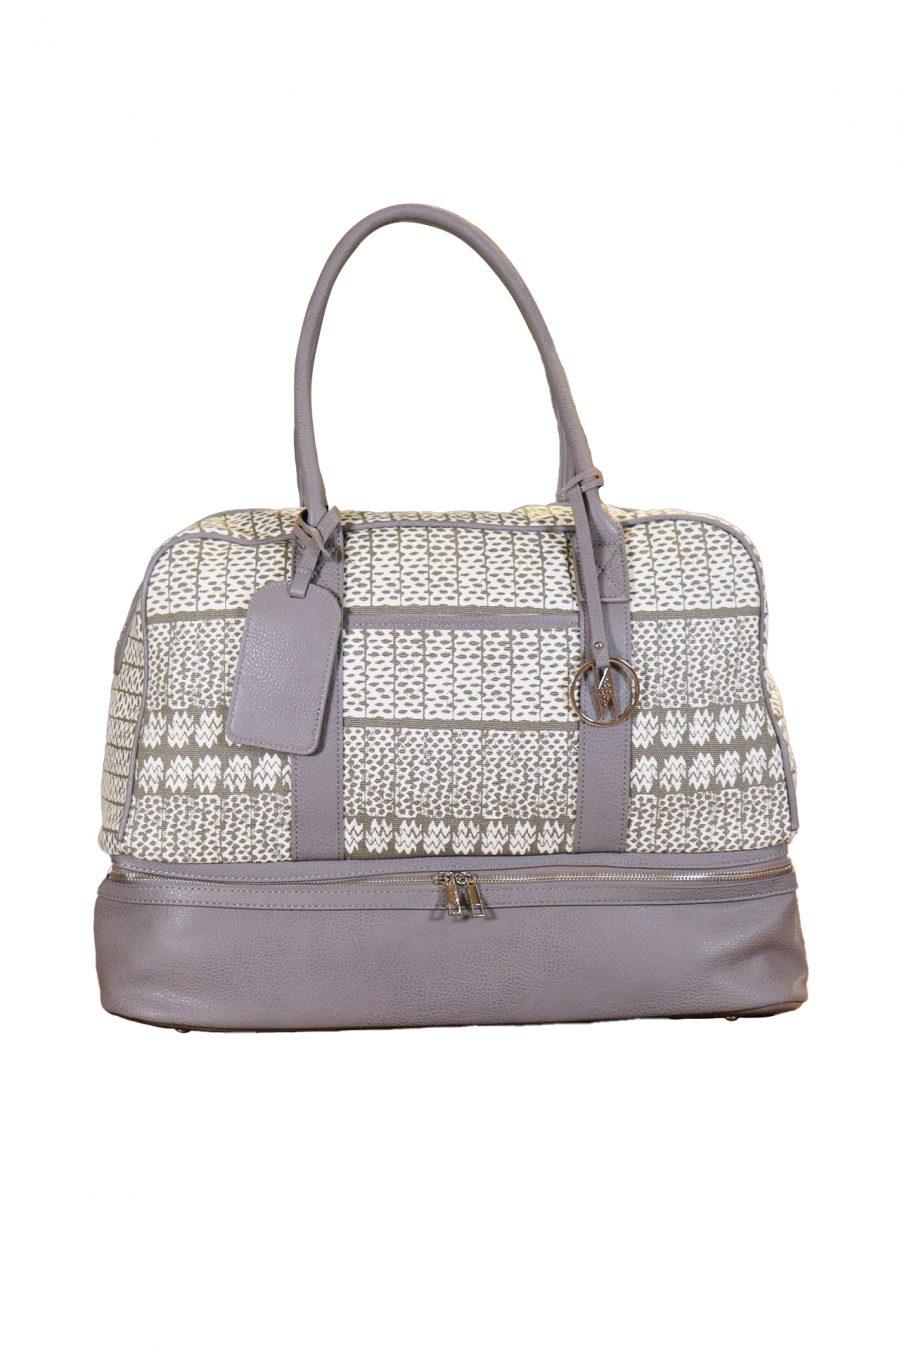 Mokulele Weekender Bag in Stone Akoakoa Pattern